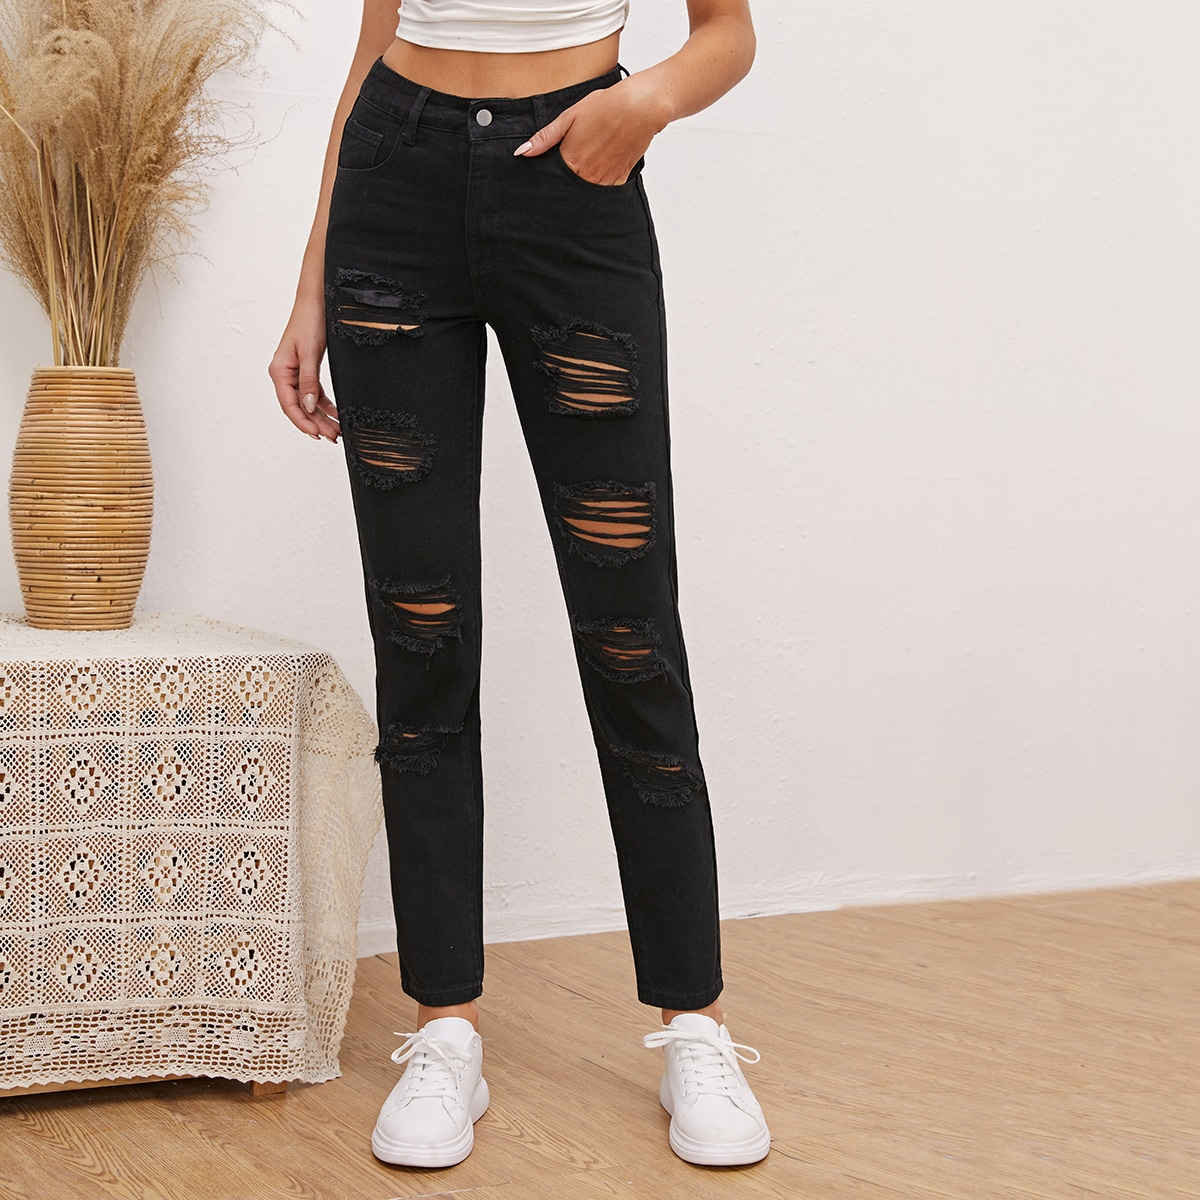 Рваные короткие джинсы с высокой талией